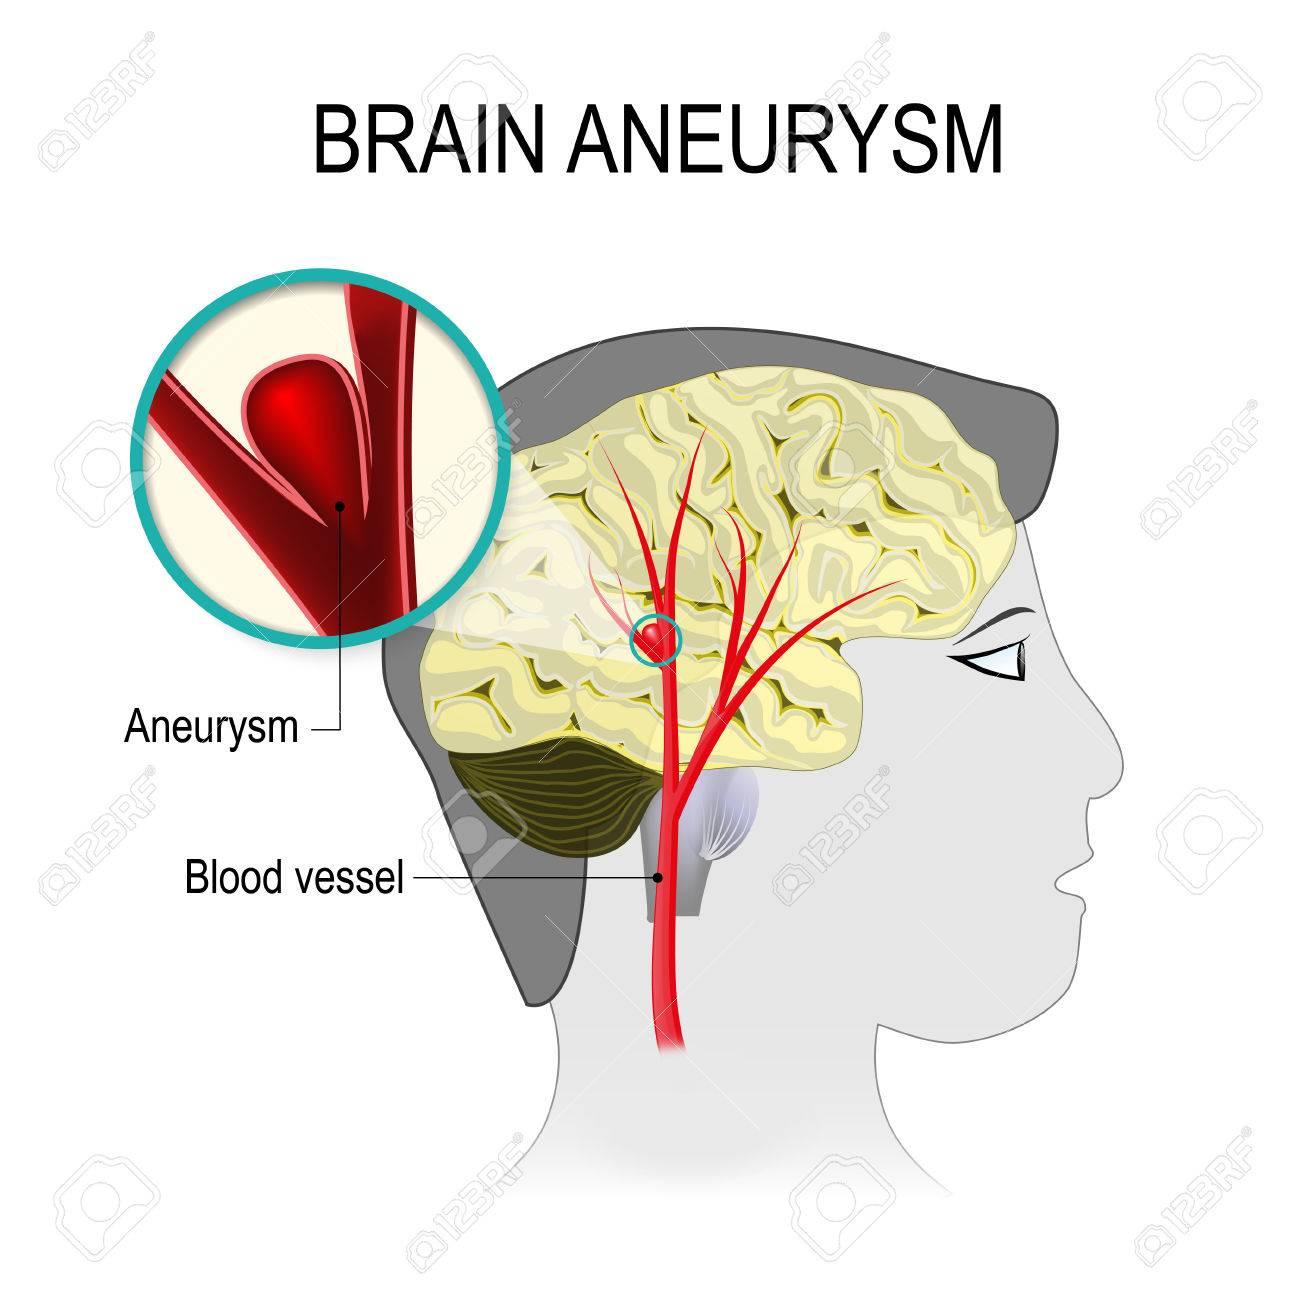 que es una aneurisma en la cabeza